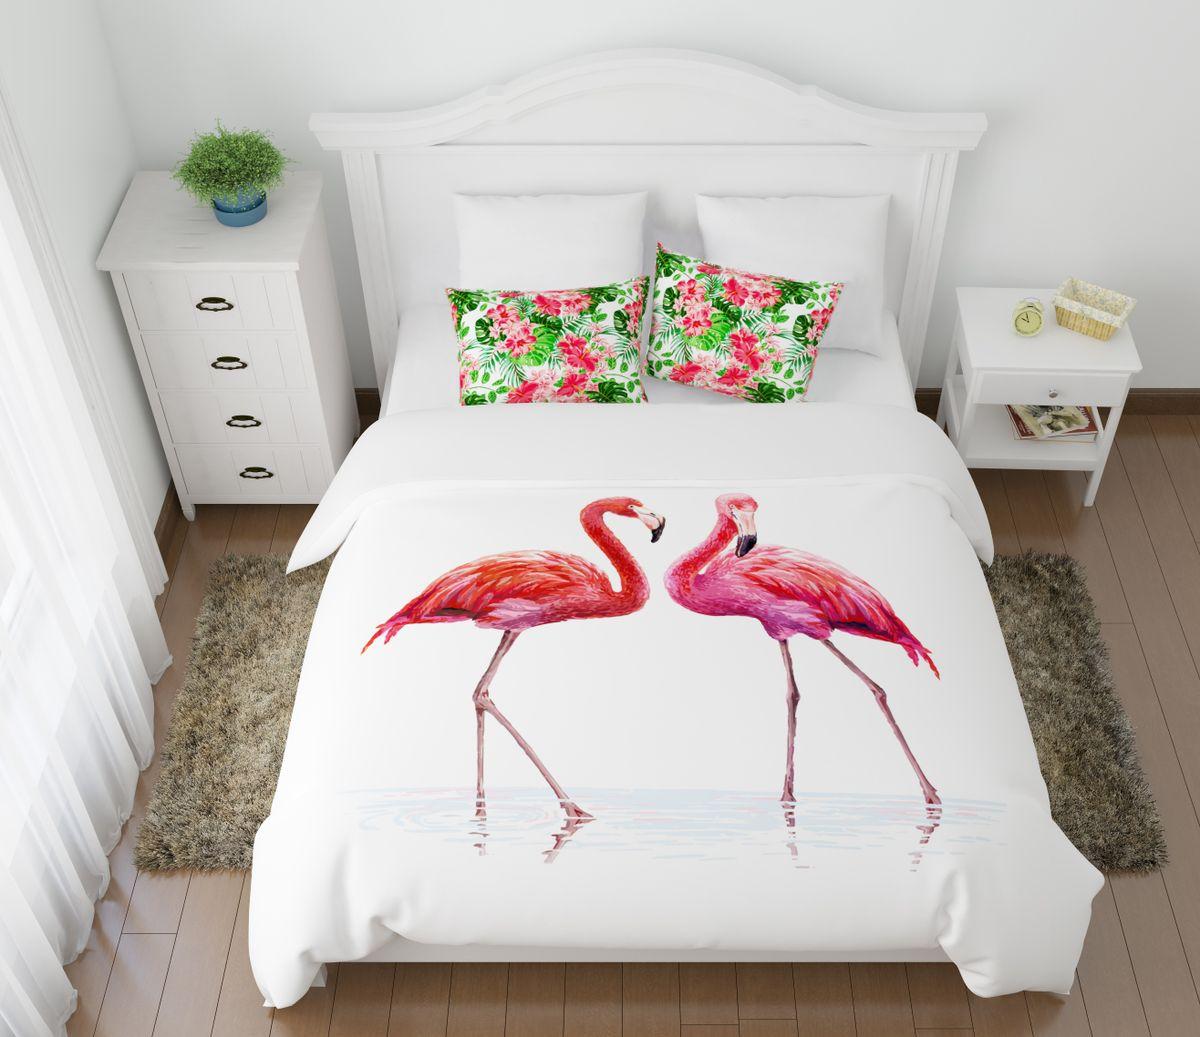 Комплект белья Сирень Фламинго, 2-спальный, наволочки 50х70ES-412Комплект постельного белья Сирень выполнен из прочной и мягкой ткани. Четкий и стильный рисунок в сочетании с насыщенными красками делают комплект постельного белья неповторимой изюминкой любого интерьера.Постельное белье идеально подойдет для подарка. Идеальное соотношение смешенной ткани и гипоаллергенных красок - это гарантия здорового, спокойного сна. Ткань хорошо впитывает влагу, надолго сохраняет яркость красок.В комплект входят: простынь, пододеяльник, две наволочки. Постельное белье легко стирать при 30-40°С, гладить при 150°С, не отбеливать. Рекомендуется перед первым использованием постирать.УВАЖАЕМЫЕ КЛИЕНТЫ! Обращаем ваше внимание, что цвет простыни, пододеяльника, наволочки в комплектации может немного отличаться от представленного на фото.